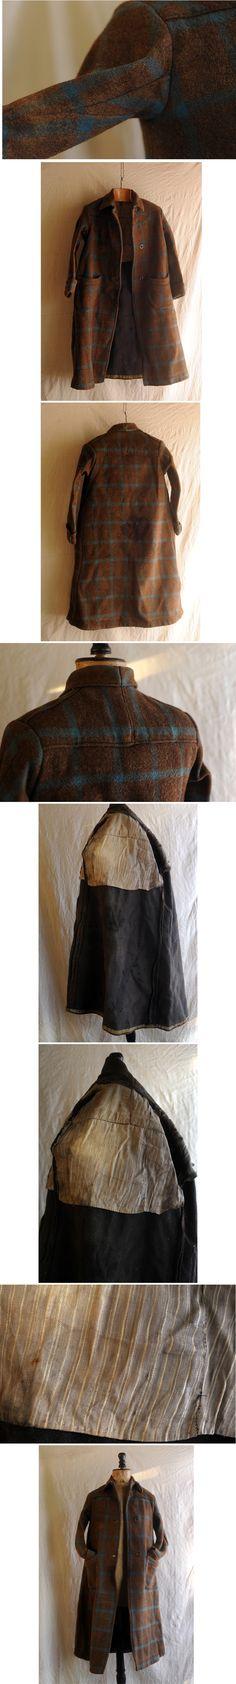 xvpbvx     1900'sフランス、ウールコートです。 深みのあるブラウンベースにターコイズのウインドウペン、 ブランケットの様な目の詰まった厚手ウール、これほど古い物はとても珍しいです。 フロント2ボタン、トップはホック2つ留め、 大きく丸いパッチポケット、袖下のマチや後ろヨークの切り替えも面白い仕立てです。 裏地は味のあるストライプ柄コットン、 細身で立体的なシルエットも素敵です。 汚れがあるので着用には手を入れる必要がありますが、資料としても価値ある品と思います。 なかなか目にすることのでき